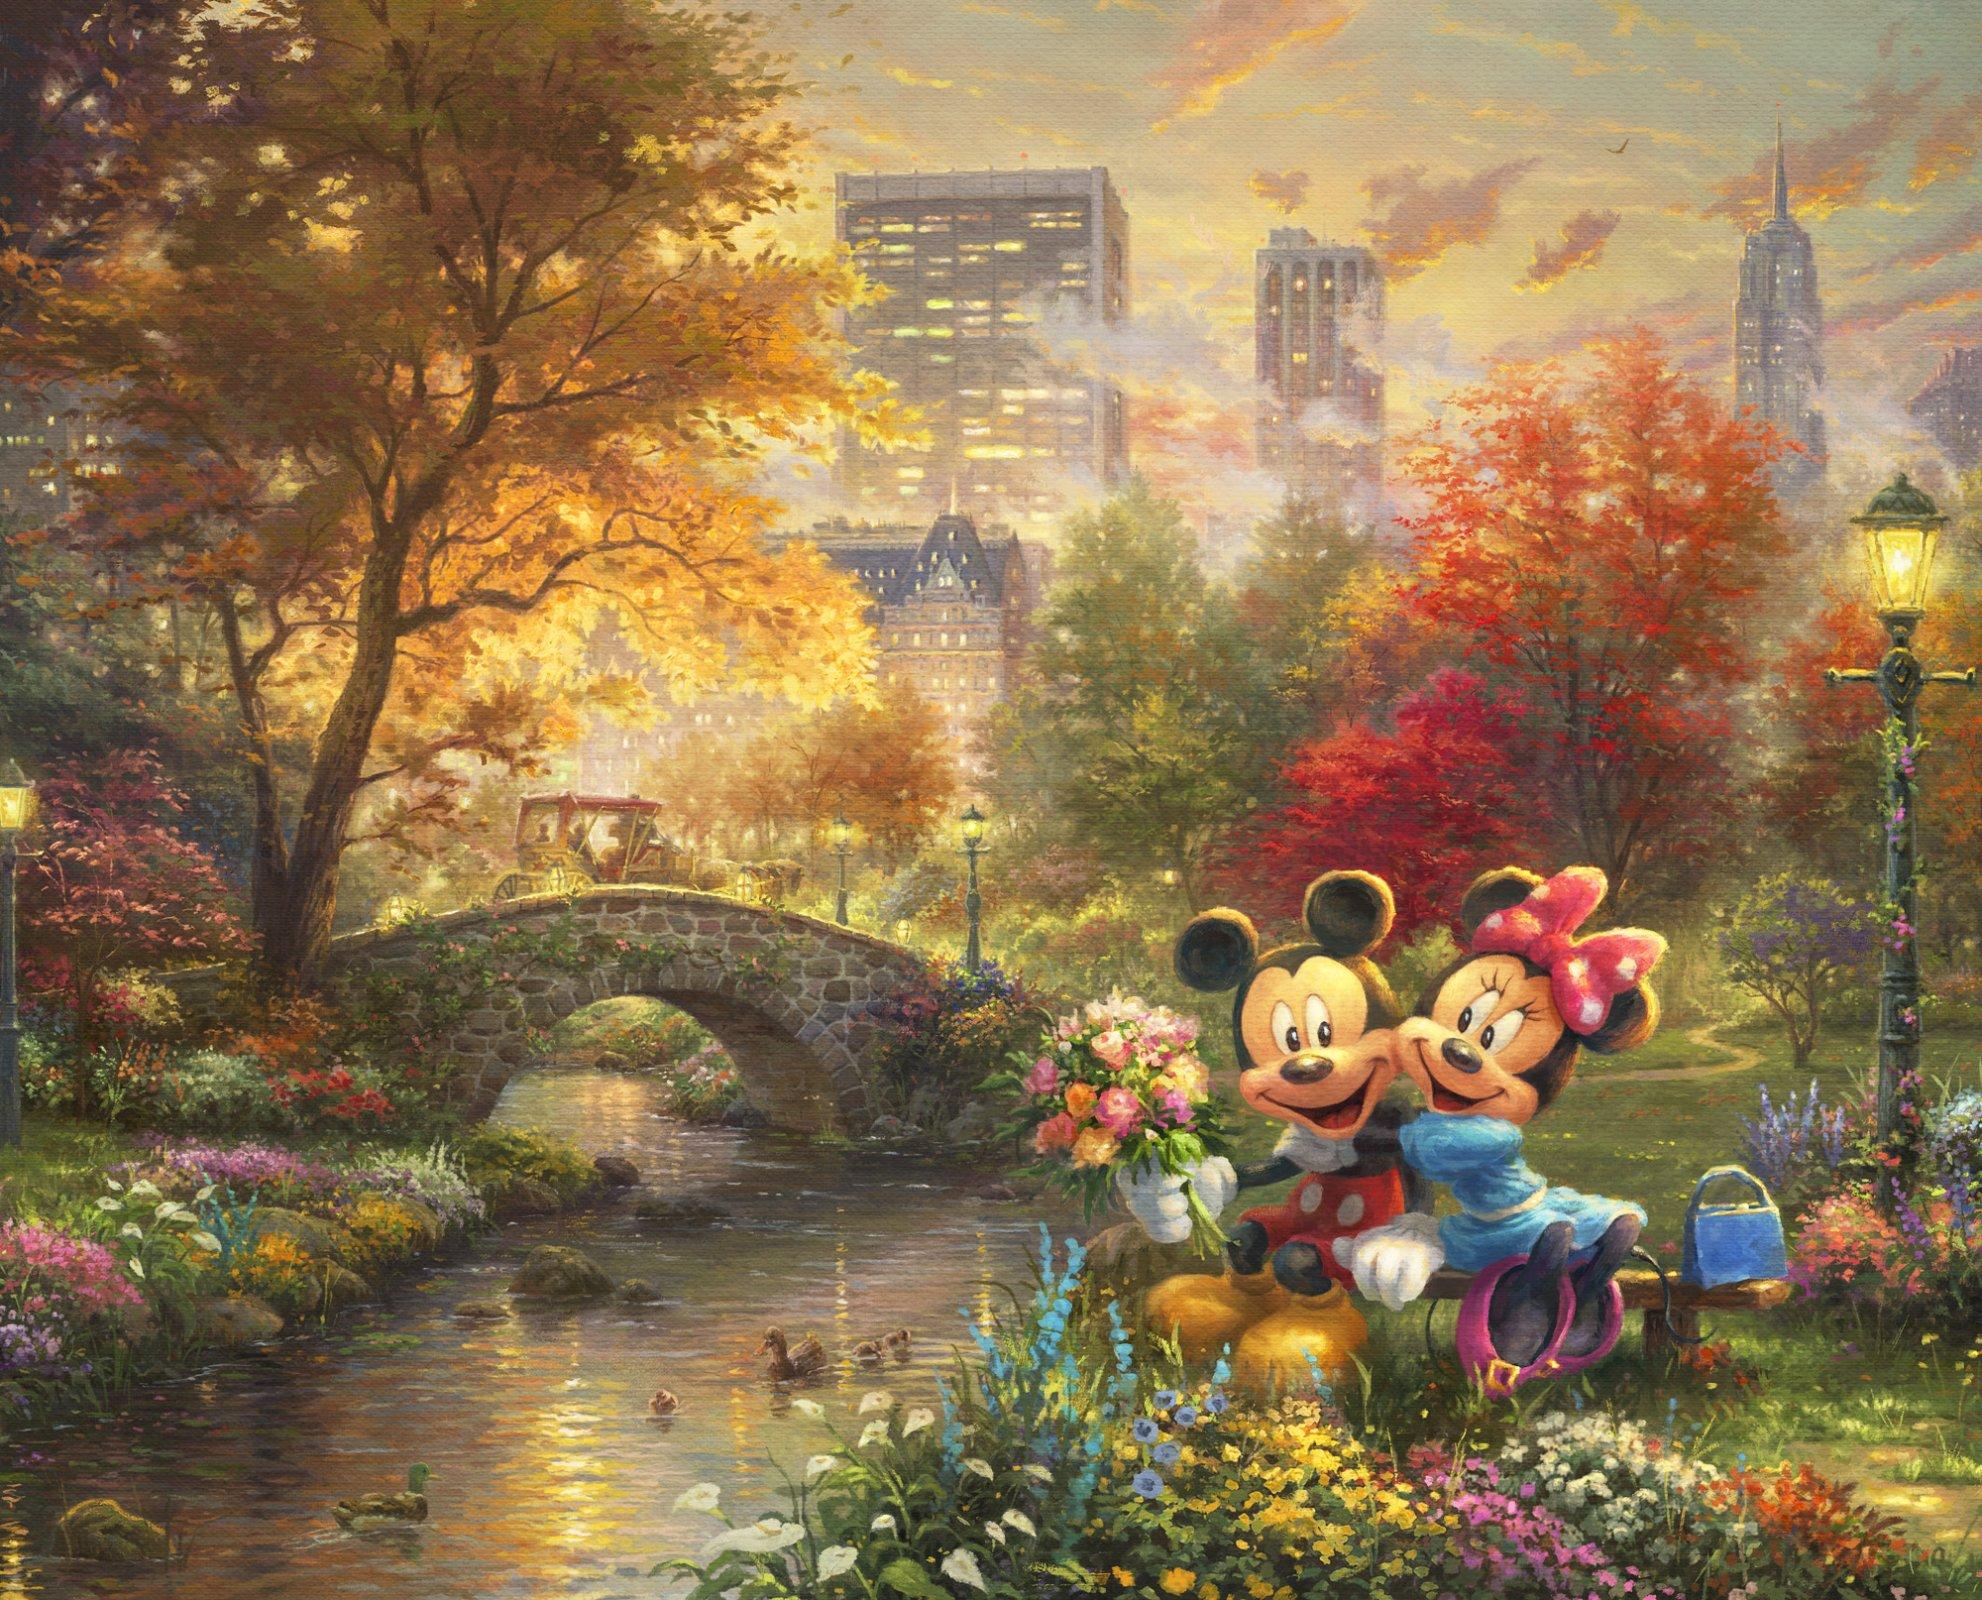 DT-Disney Dreams~ Central Park DS-2024-9C-1 Panel (35.5 x 44)